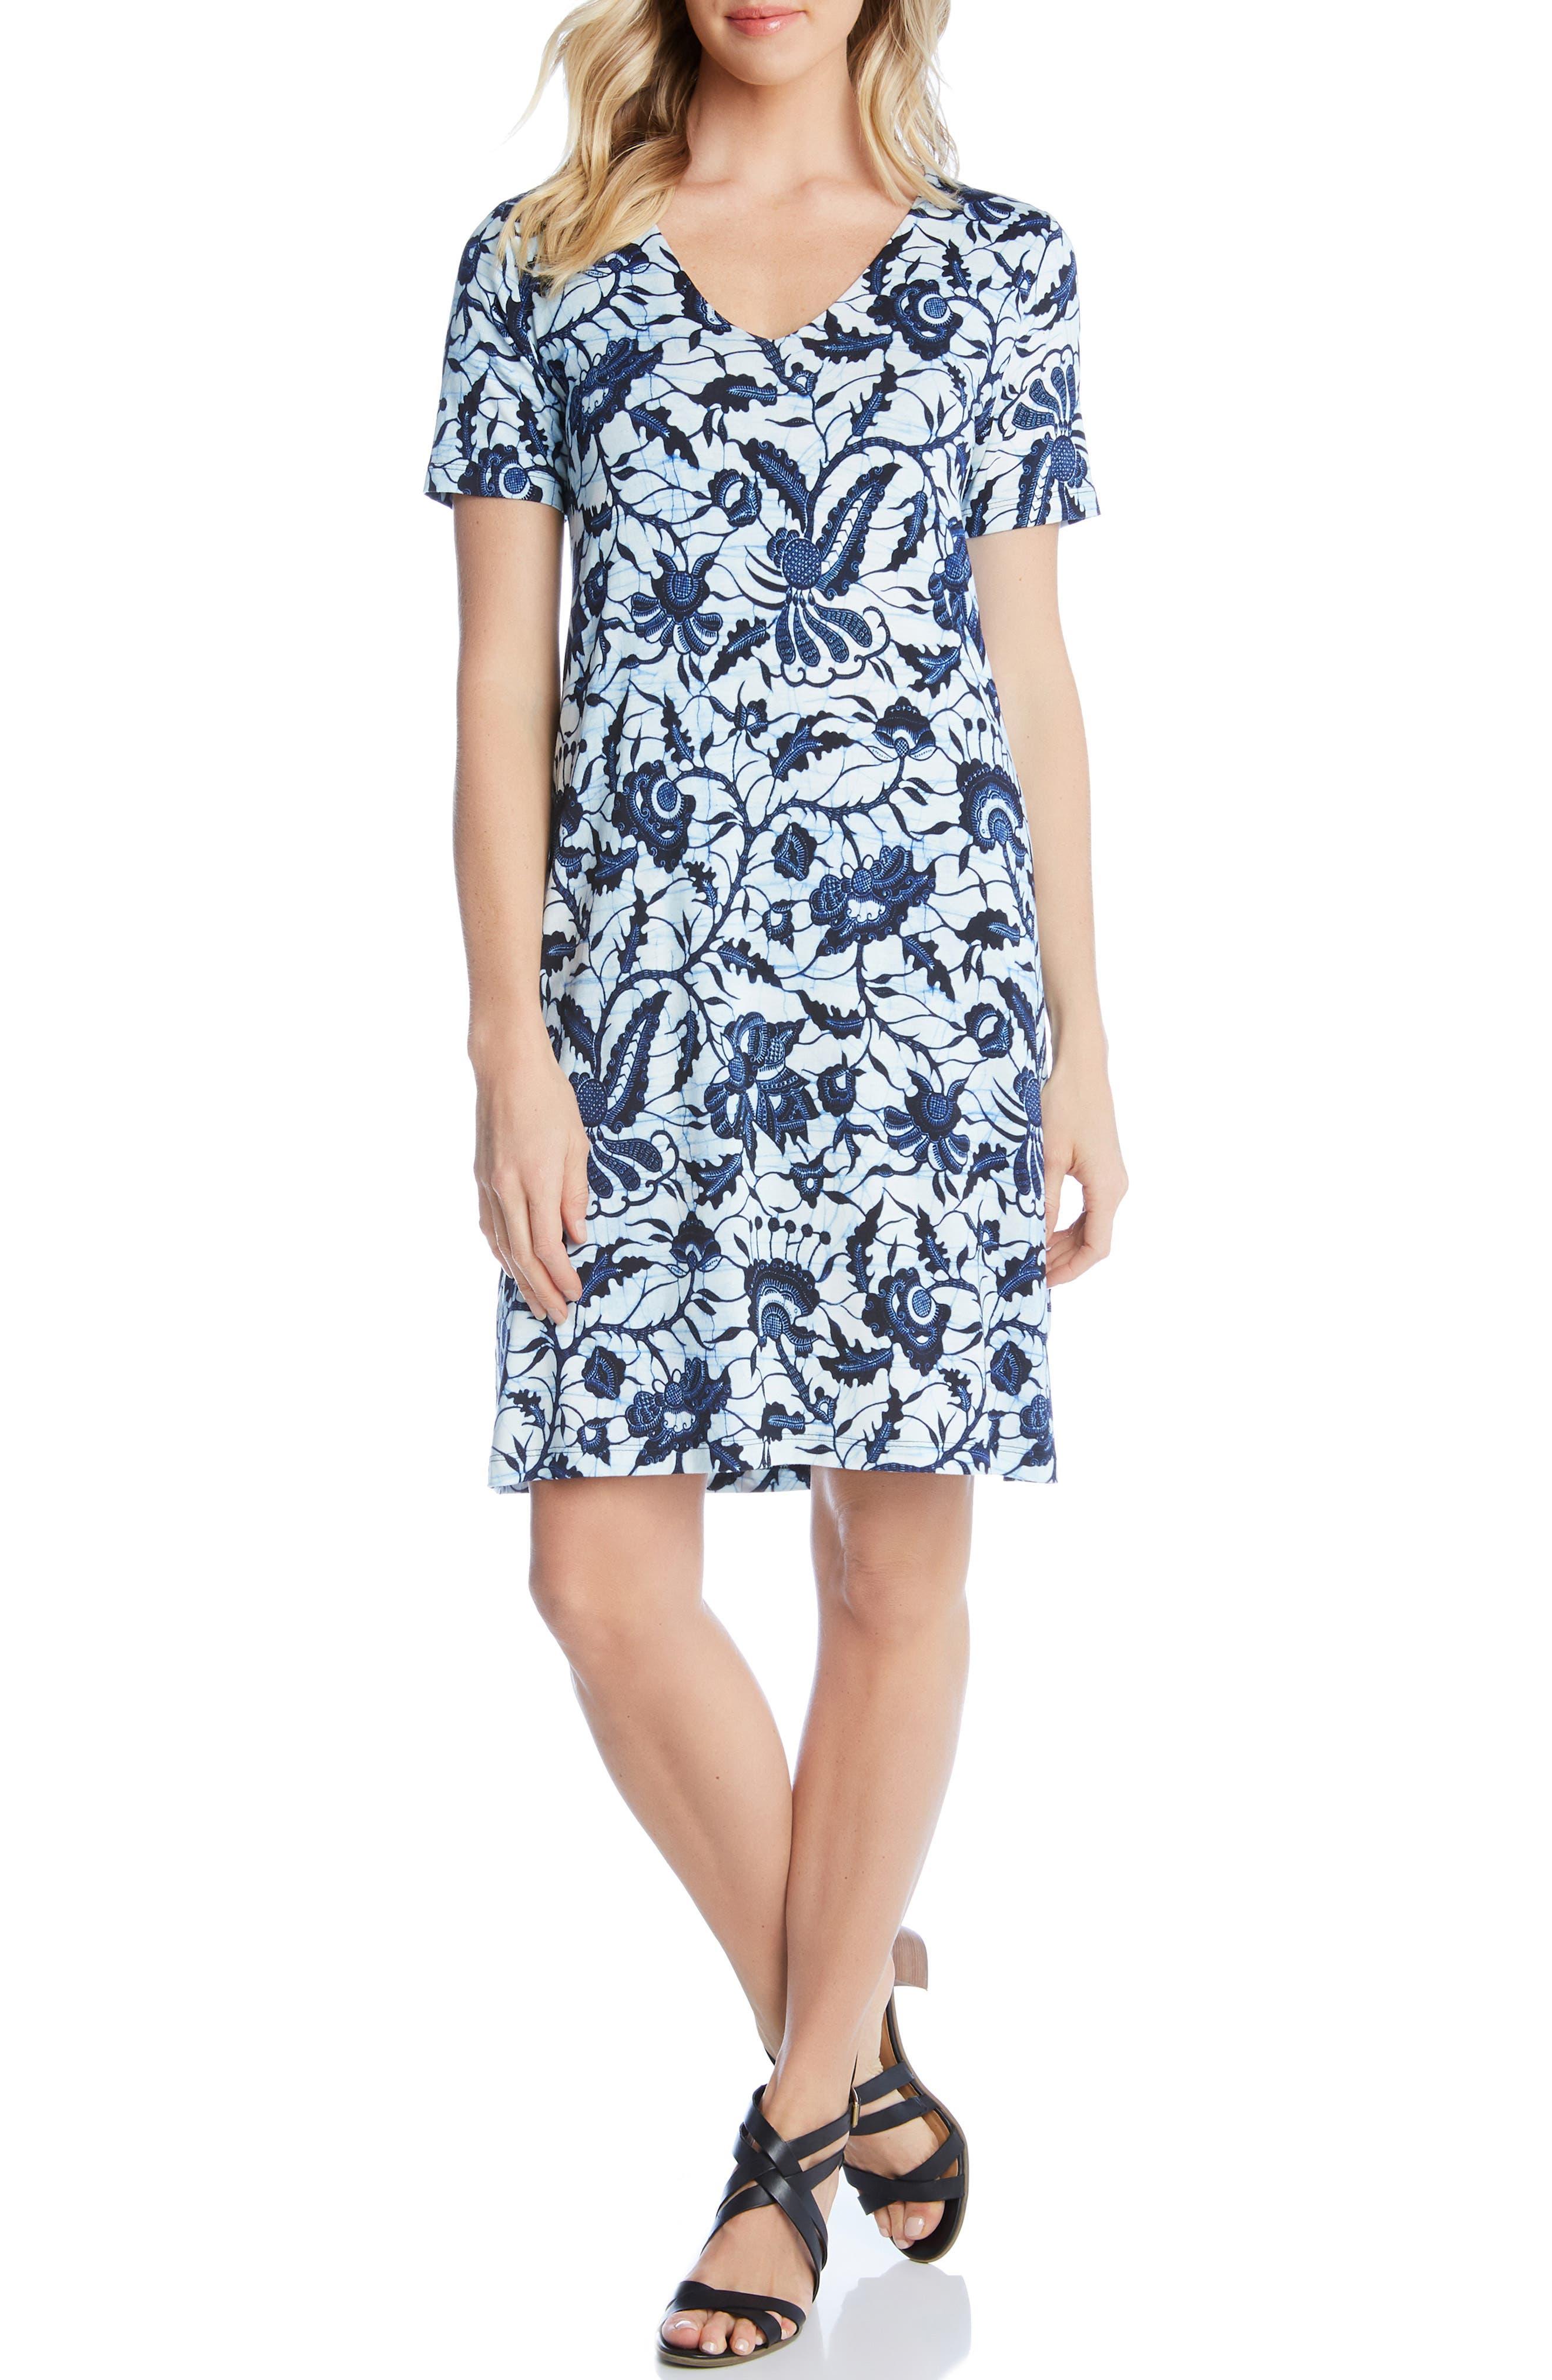 KAREN KANE Abby V-Neck Dress, Main, color, 400